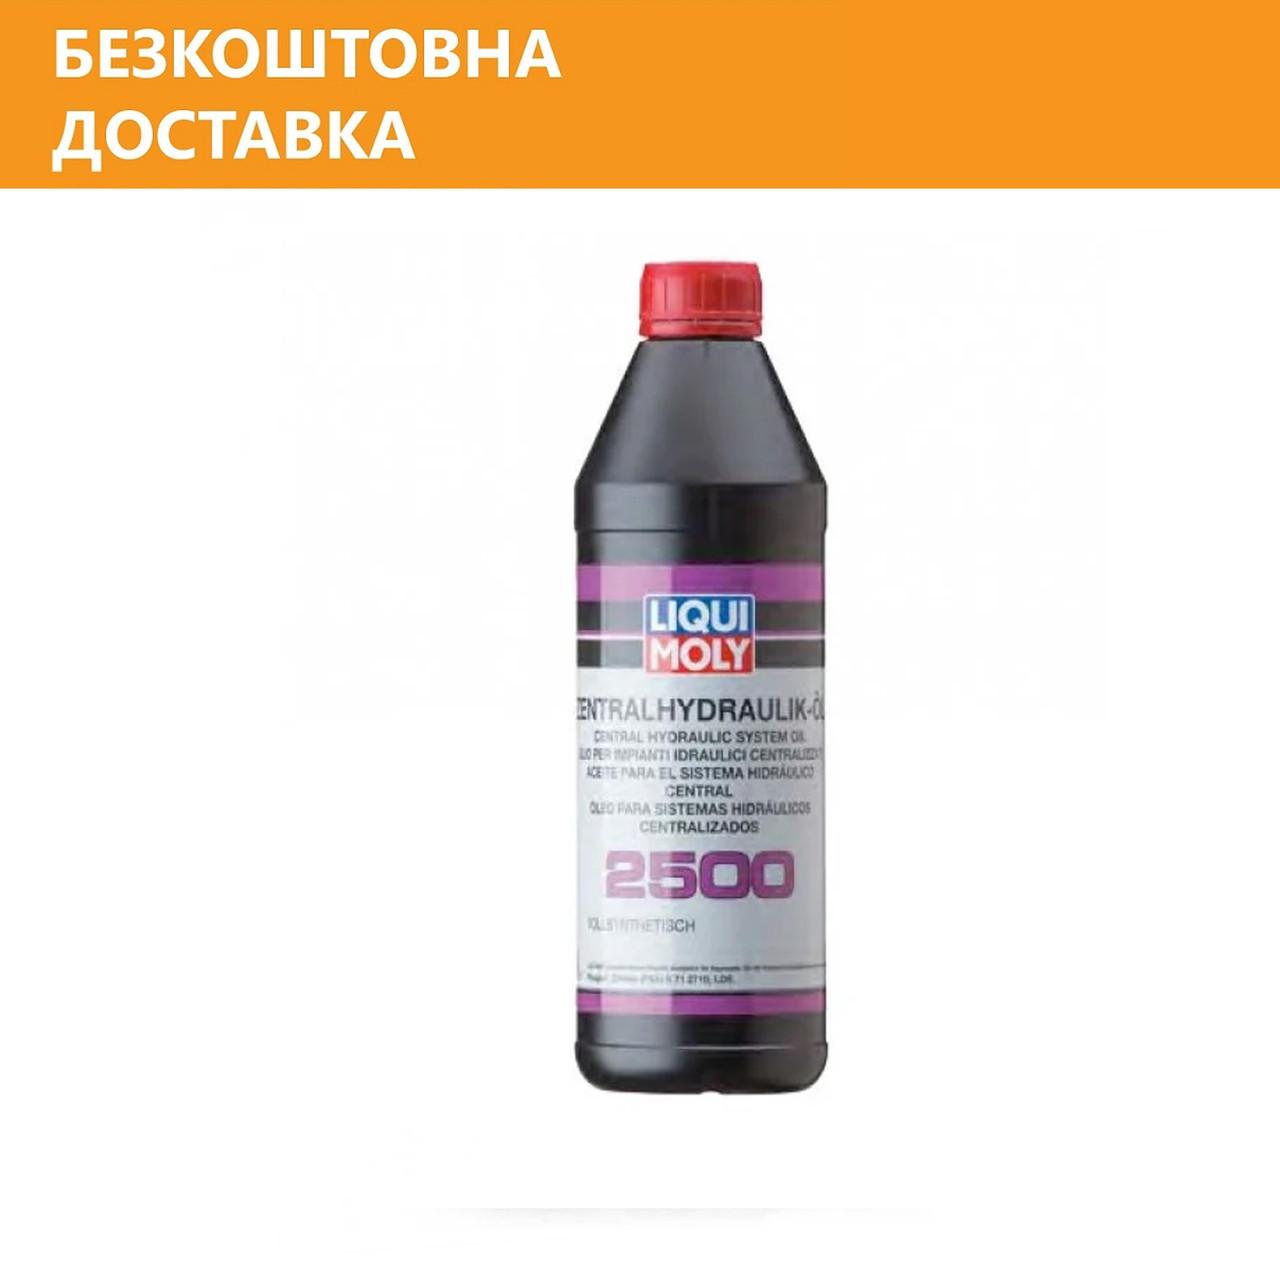 Синтетическая гидравлическая жидкость Zentralhydraulik-Oil 2500 1 л.